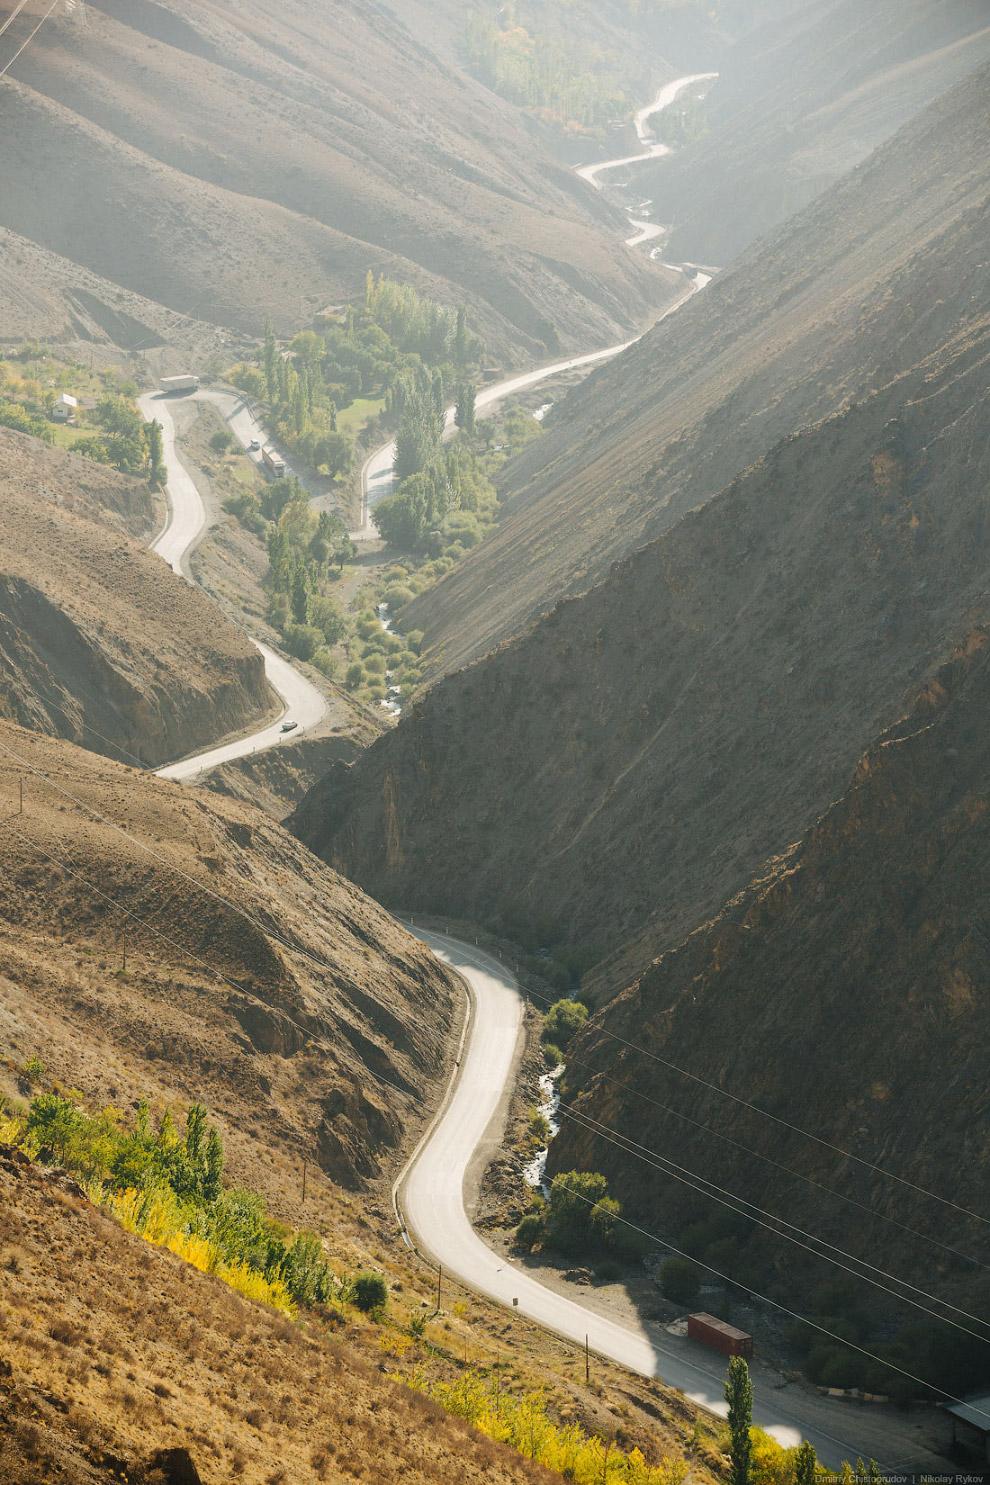 8. Изначально мы планировали засветло добраться до Душанбе, а точнее до Чайханы Рохат. Но мы не